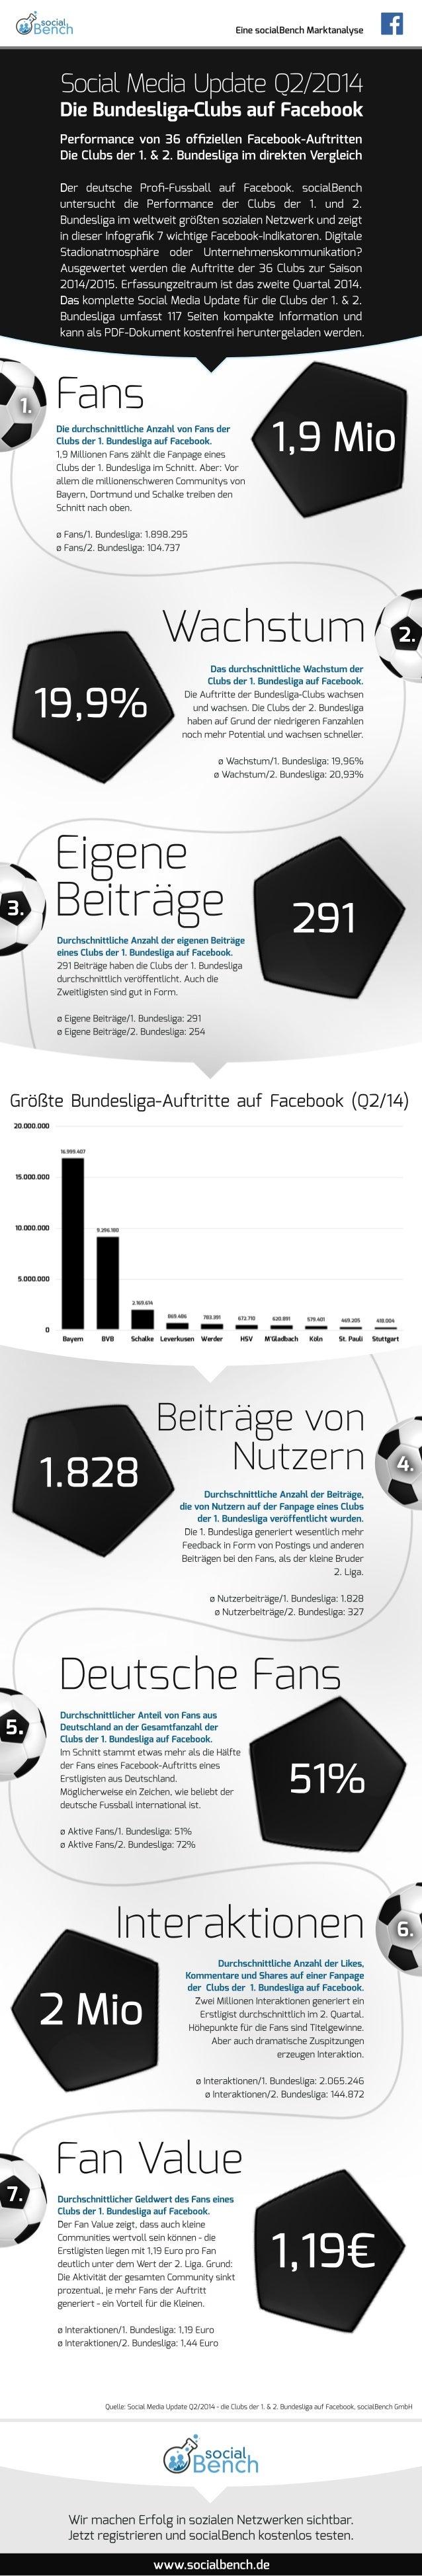 WirmachenErfolginsozialenNetzwerkensichtbar. JetztregistrierenundsocialBenchkostenlostesten. www.socialbench.de 7. FanValu...